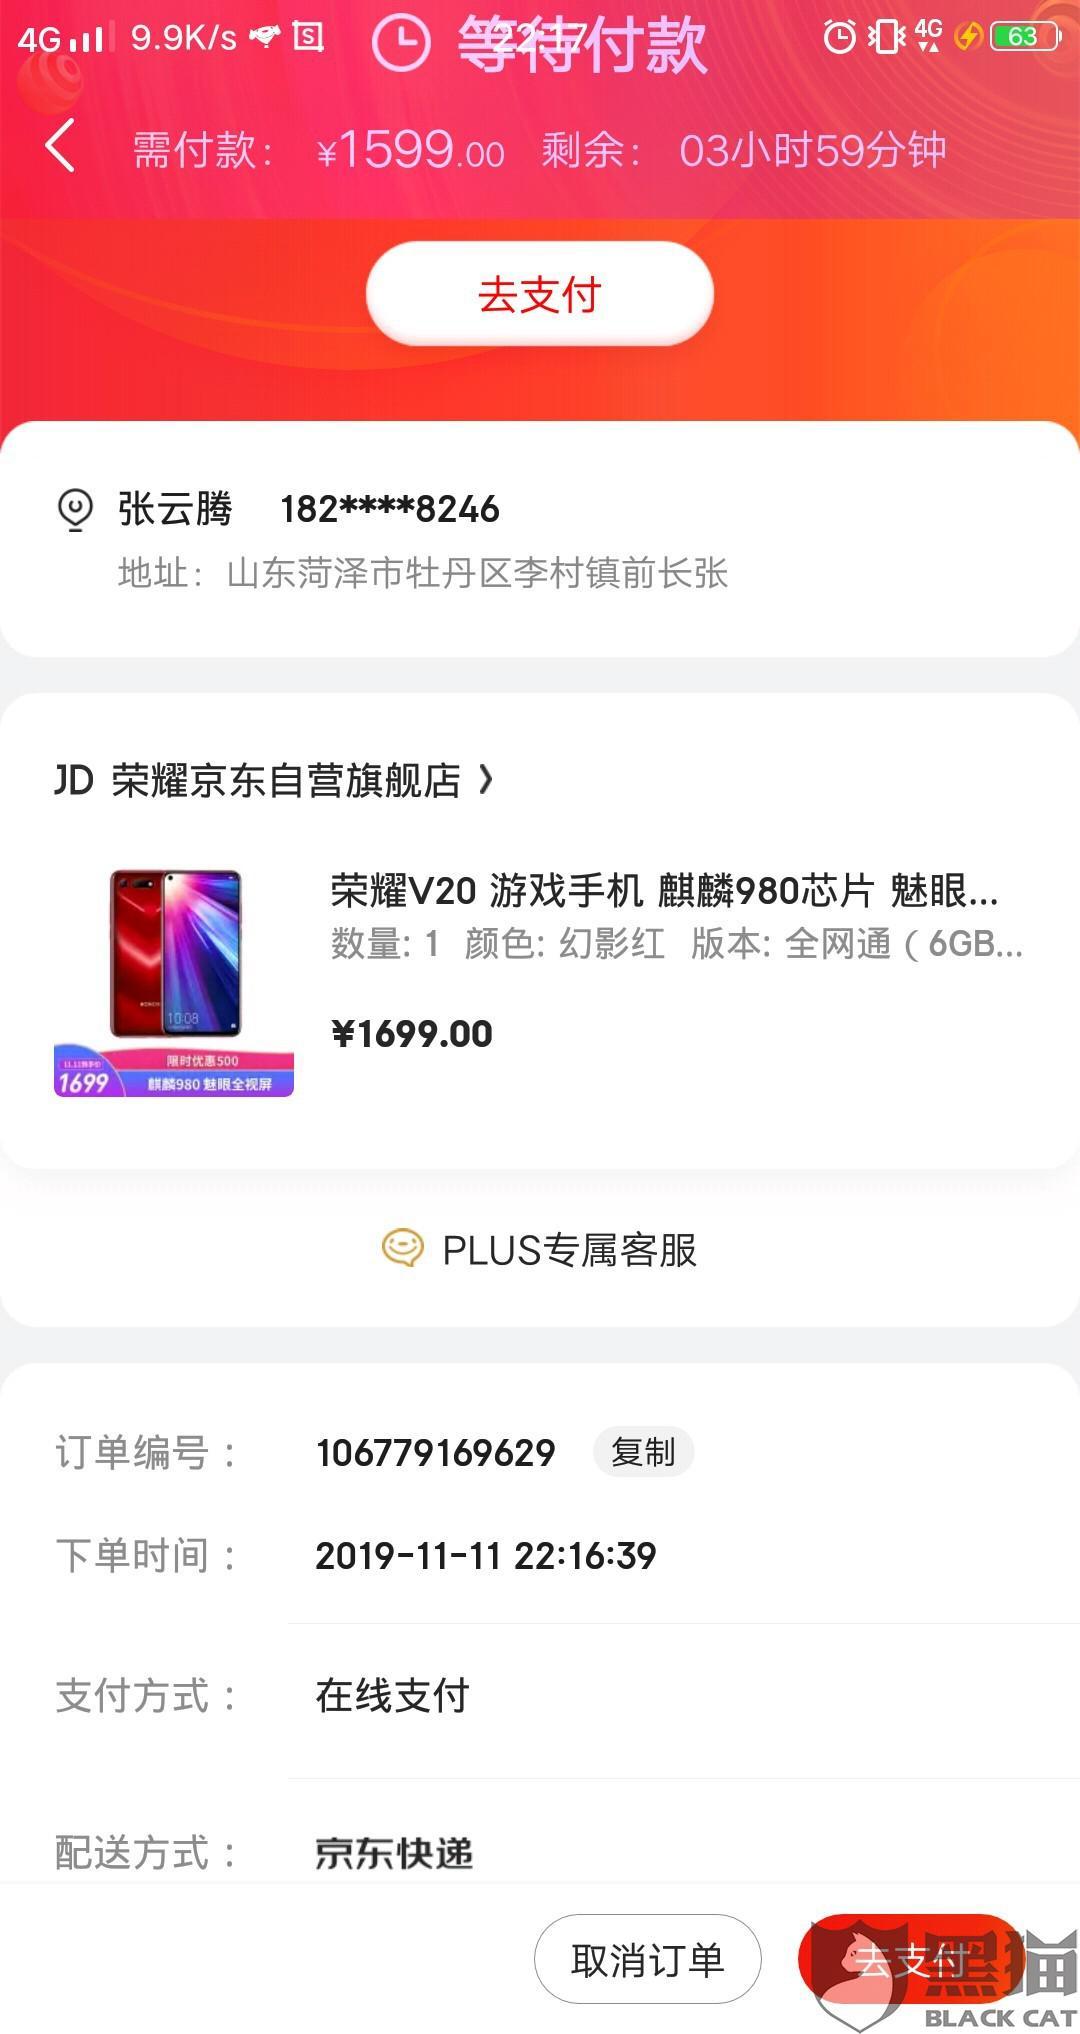 黑猫投诉:京东自营店,荣耀v20降价不保价